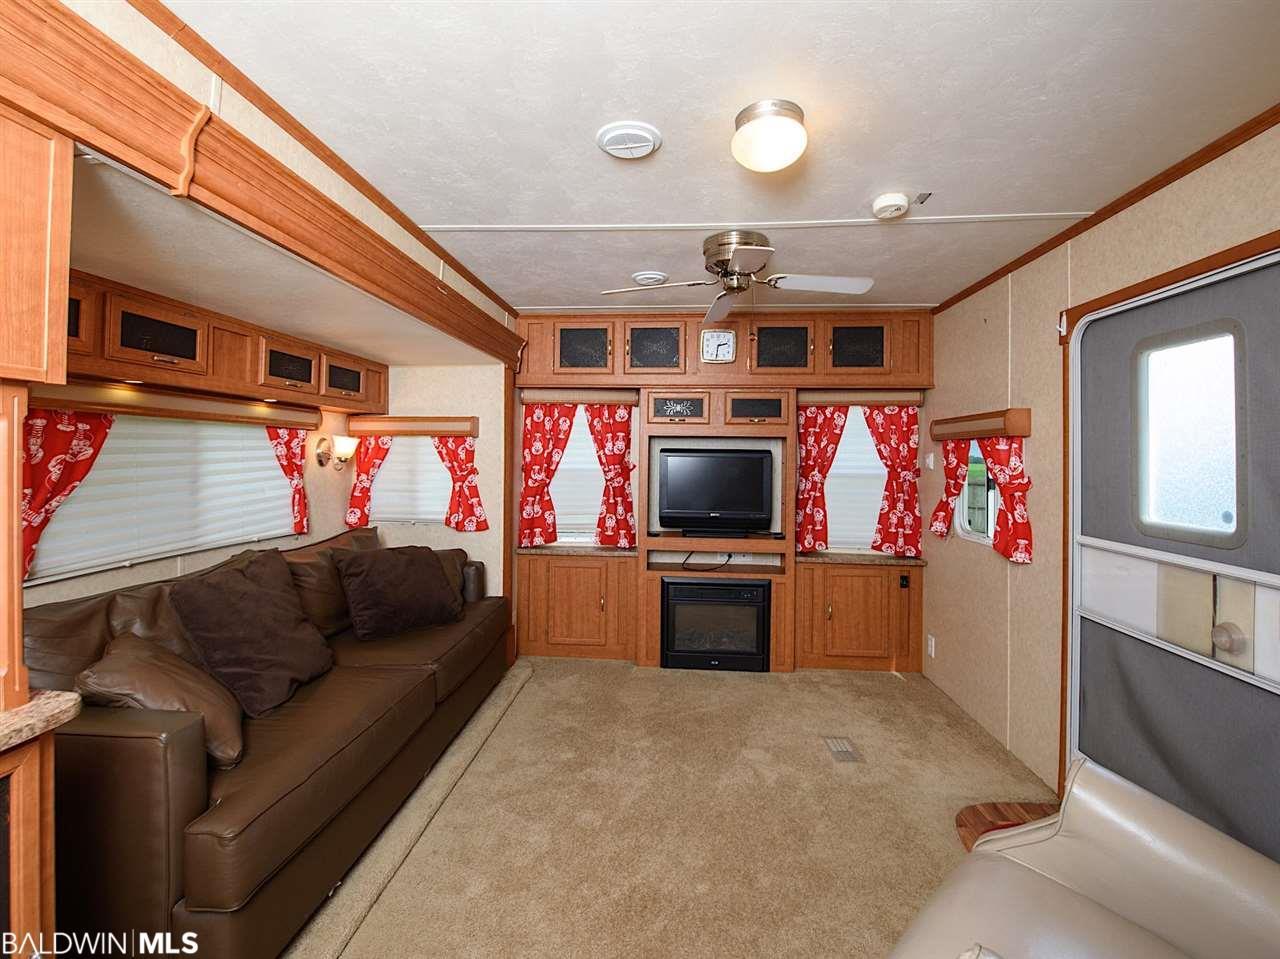 13361 Lipscomb Rd, Foley, AL 36535